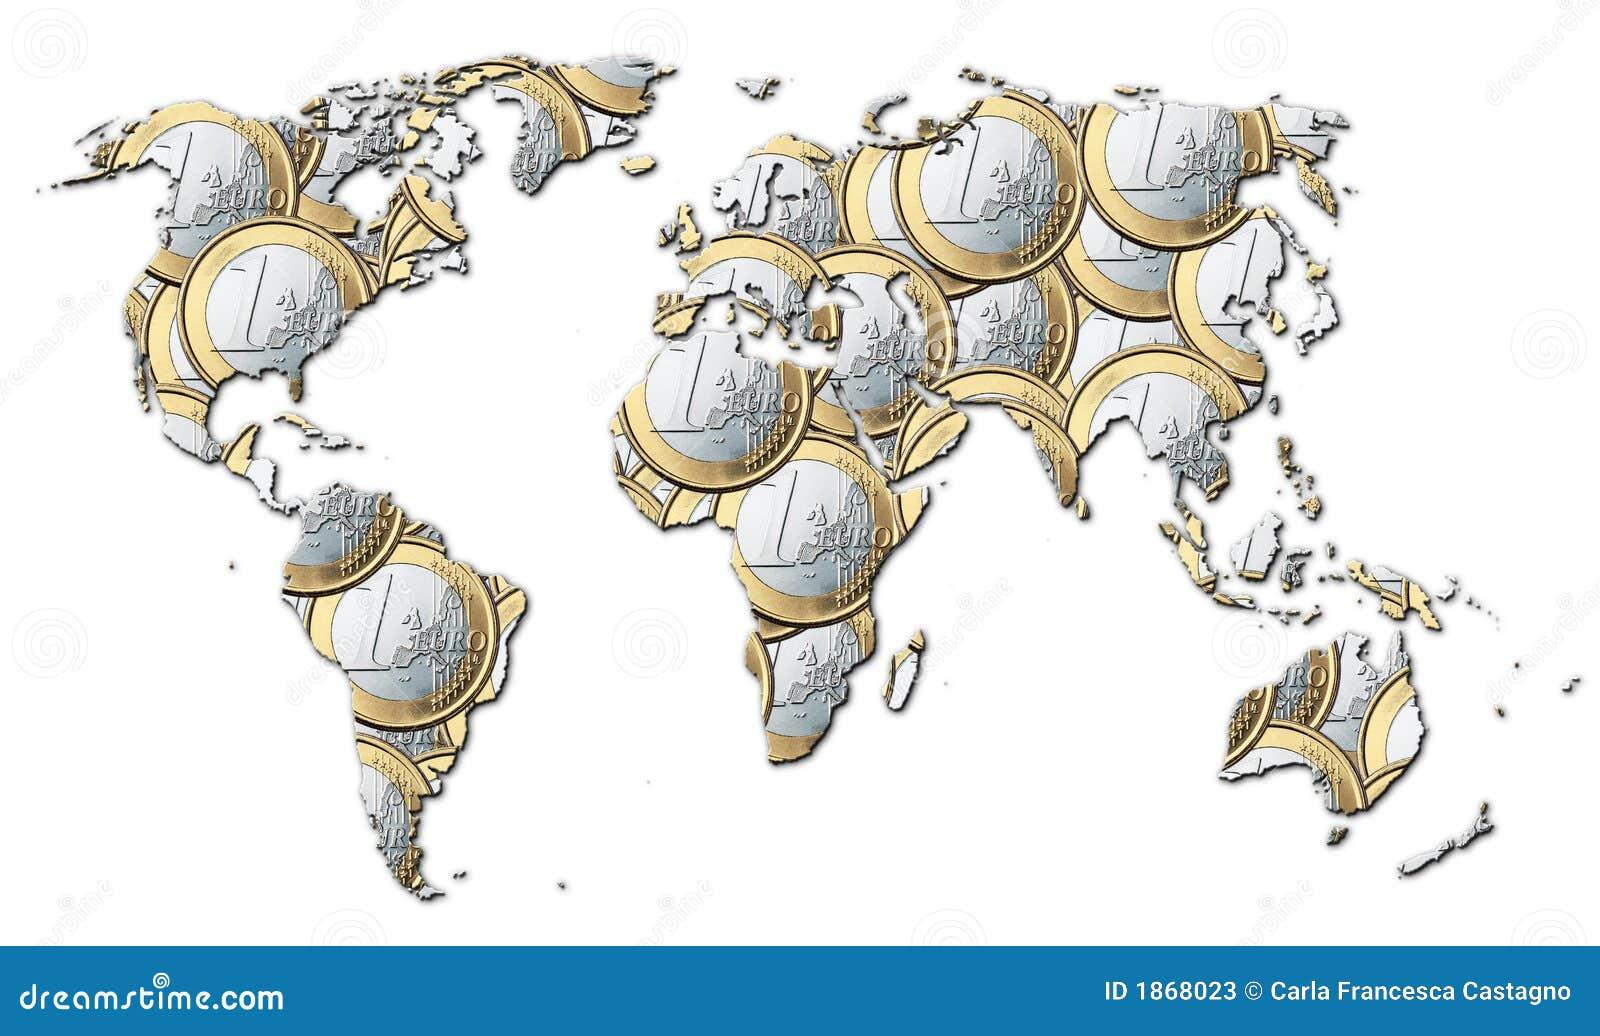 Mundo del dinero euros stock de ilustraci n imagen de continente 1868023 - Vloerlamp van de wereld ...